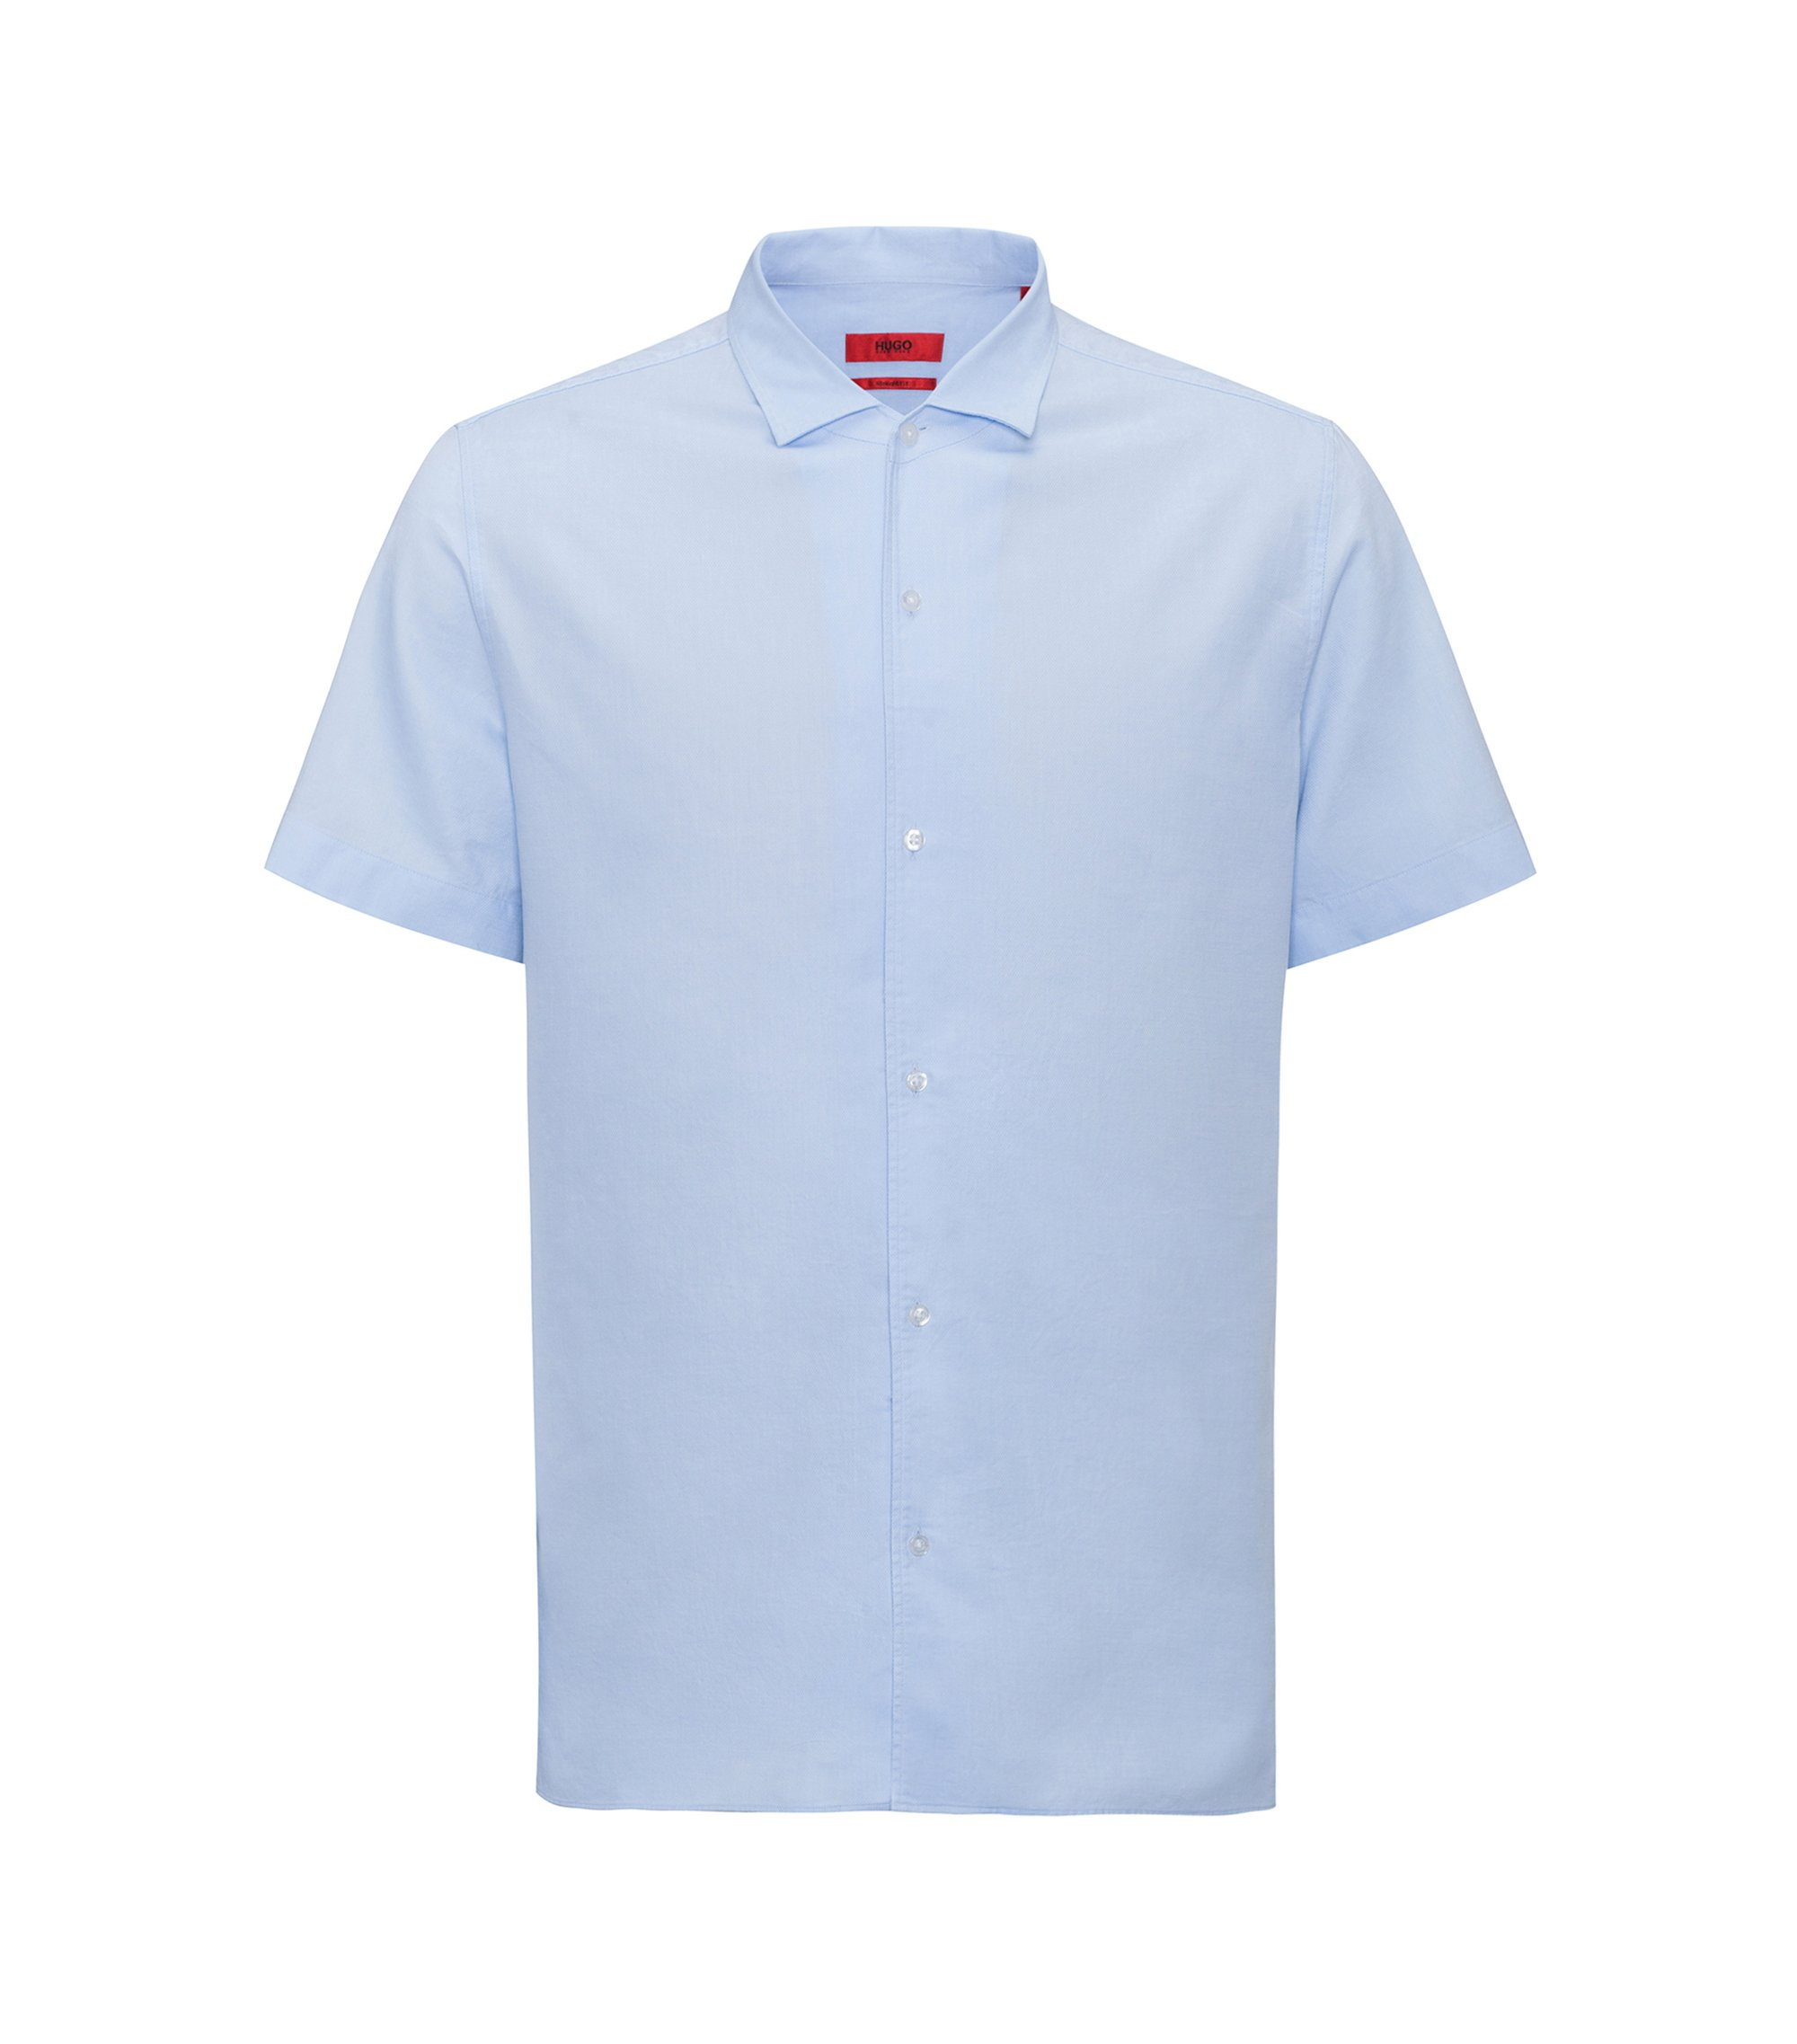 Chemise à manches courtes Regular Fit en coton structuré, Bleu vif